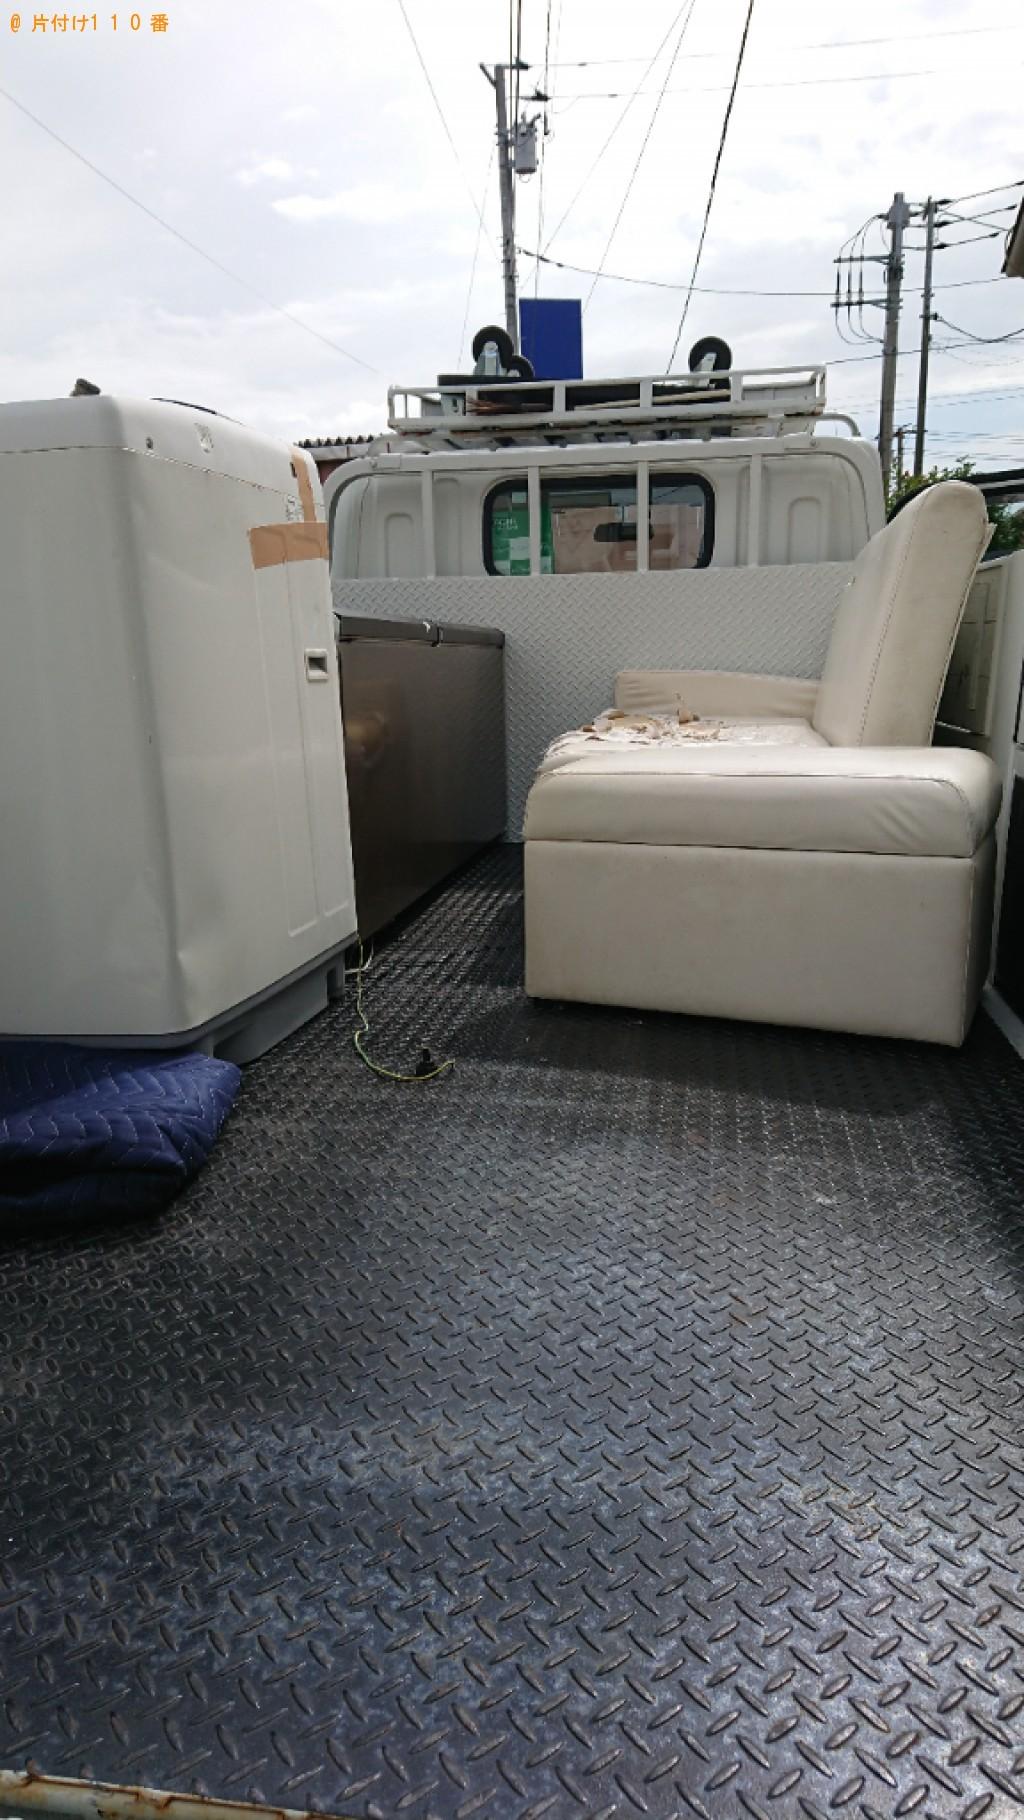 【船橋市】冷蔵庫、洗濯機、ソファー等の回収・処分ご依頼